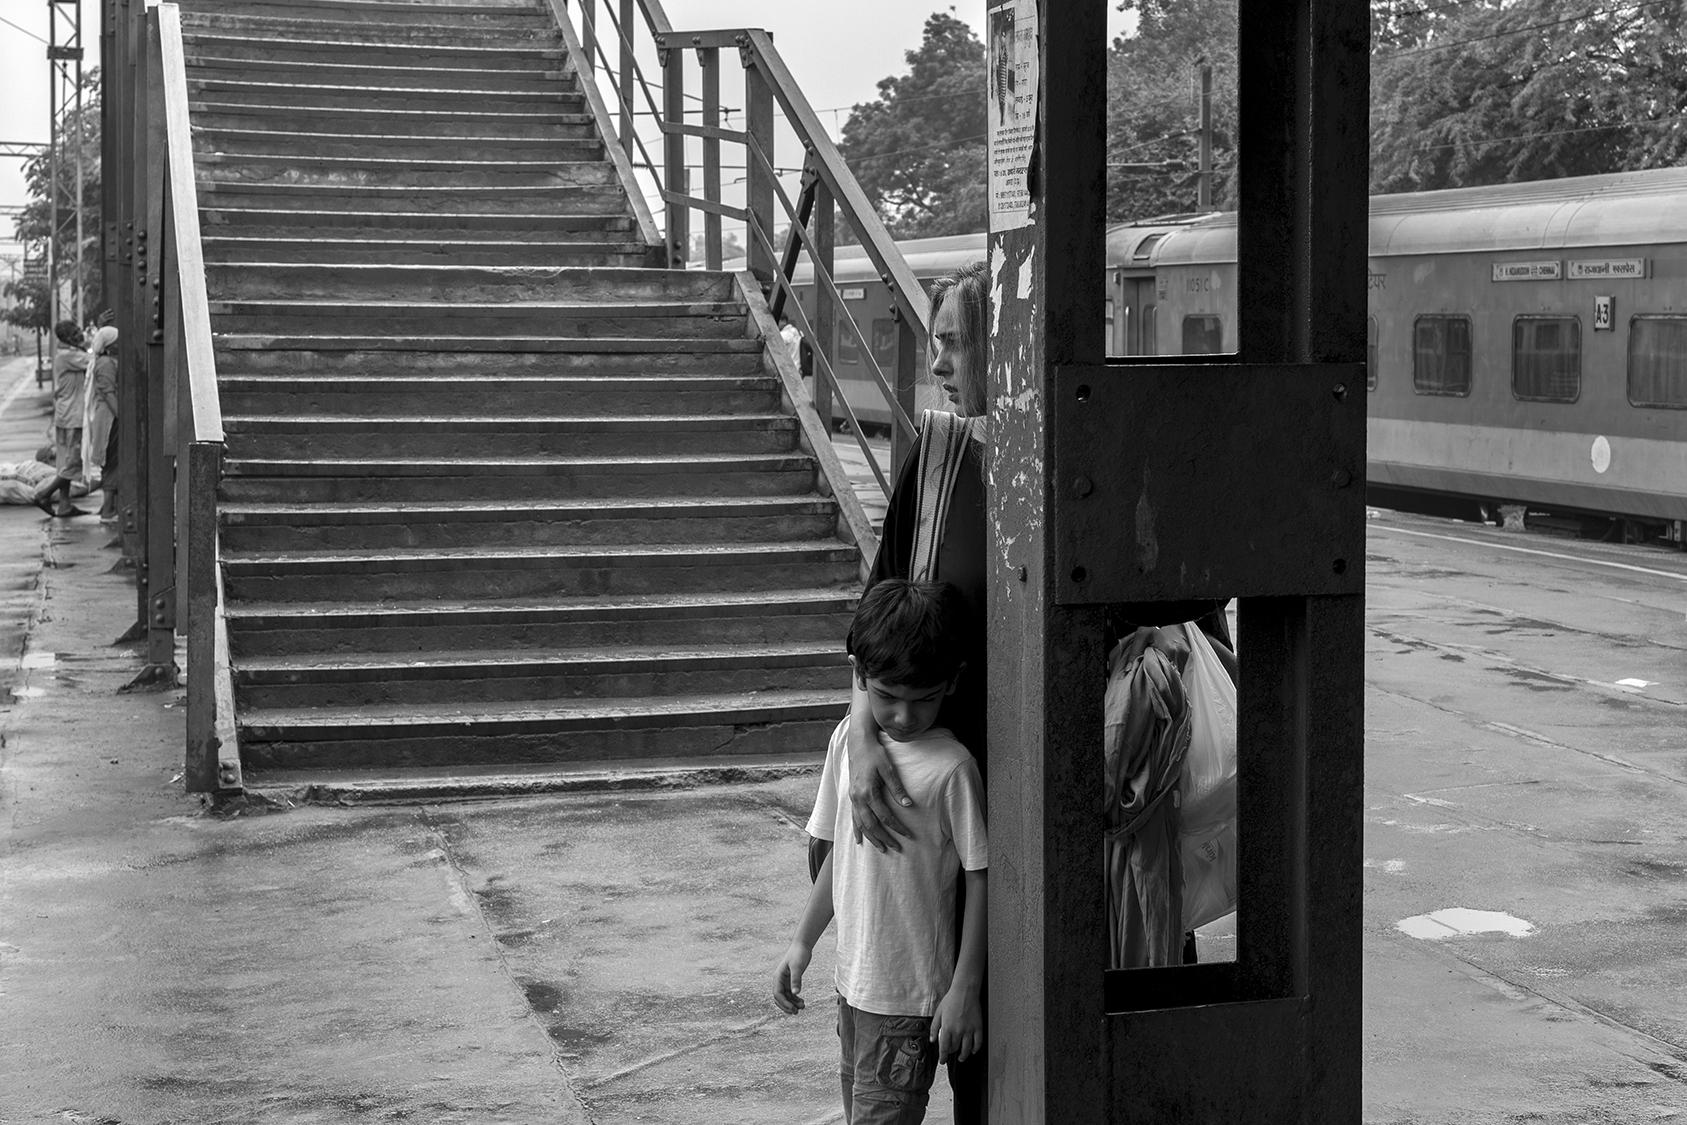 cedric-sartore-point-of-departure-13